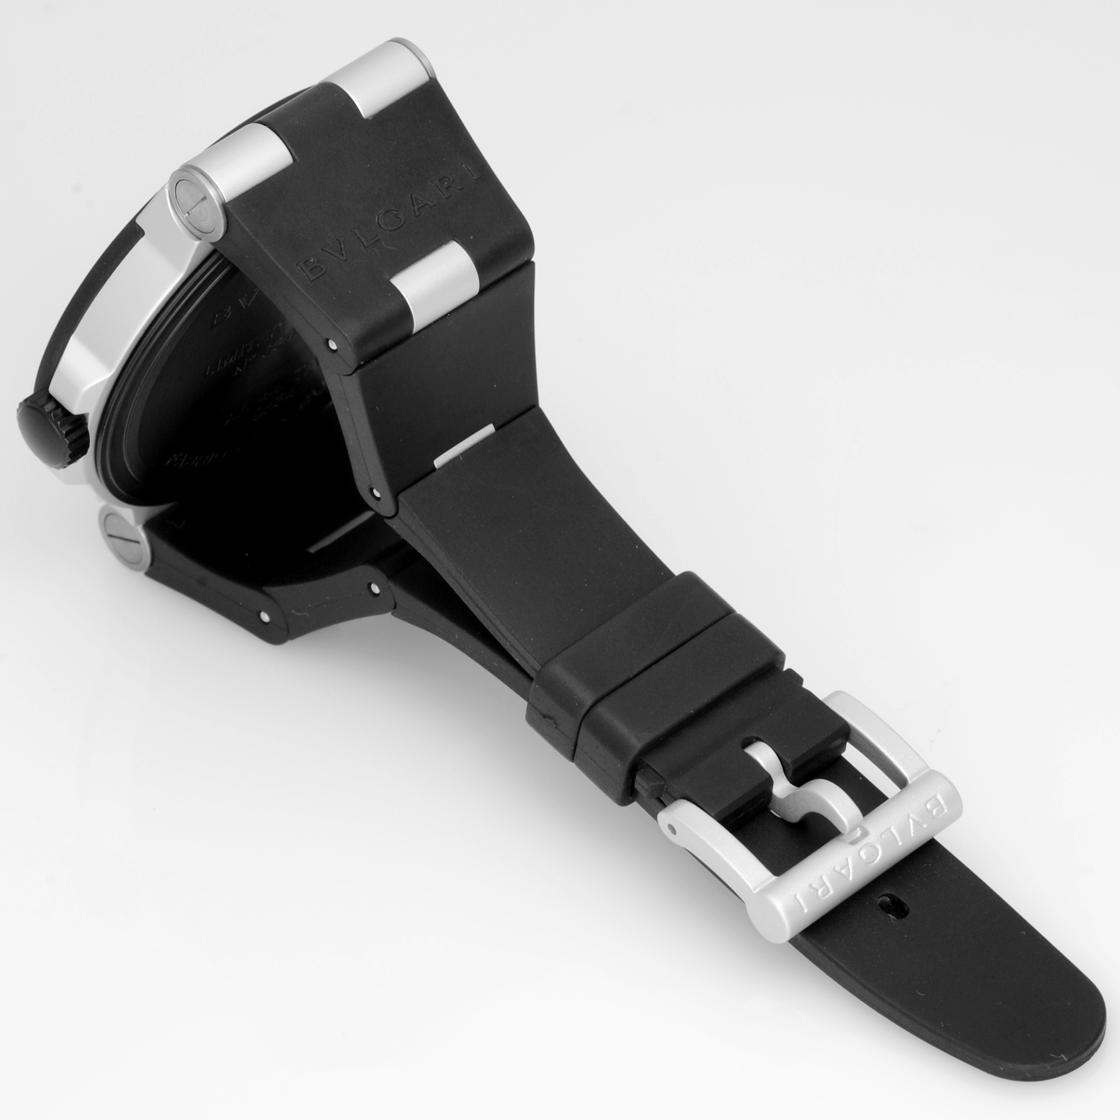 """불가리 AL44C11TAVD 디아고노아르미니움""""BALI(발리)""""300개 한정 알루미늄/블랙 러버 자동감김 브라운 문자판 맨즈《희소・레어 모델!》"""